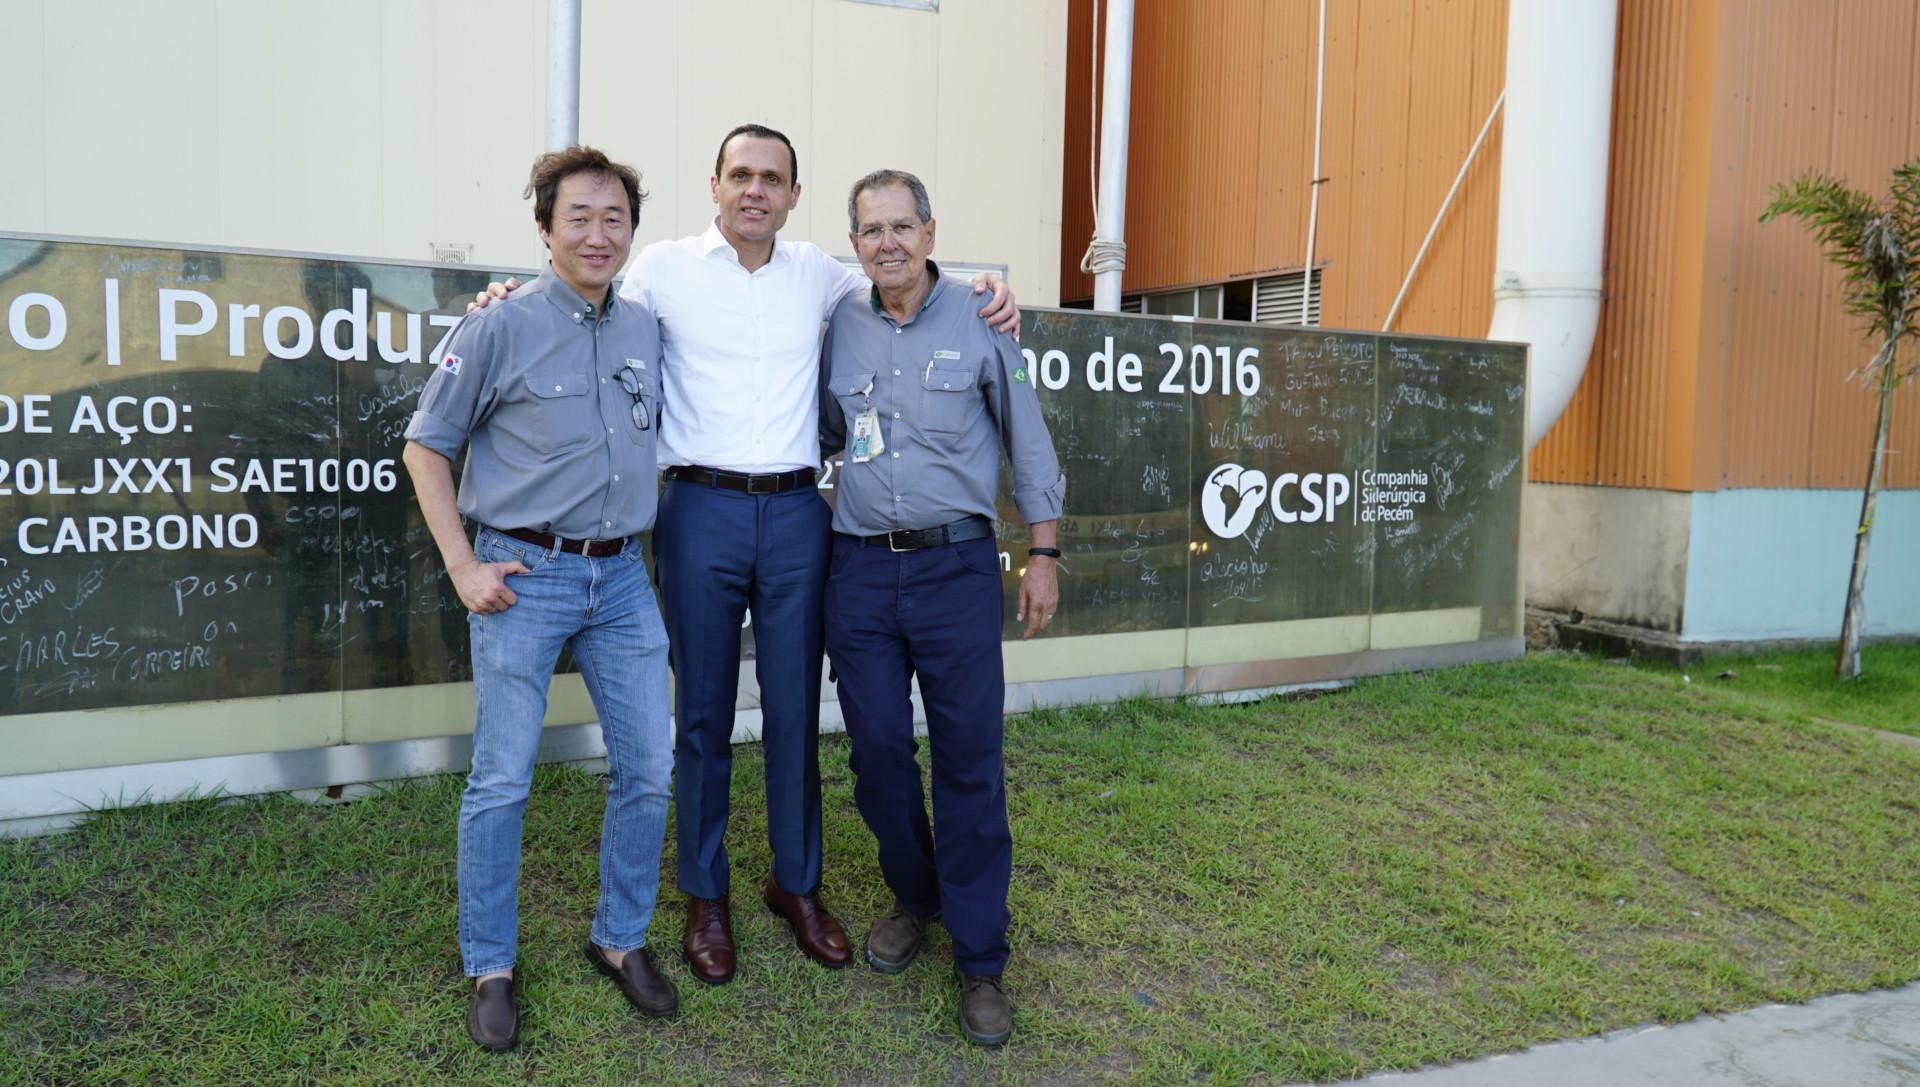 Visita a Companhia Siderúrgica do Pecém (CSP)